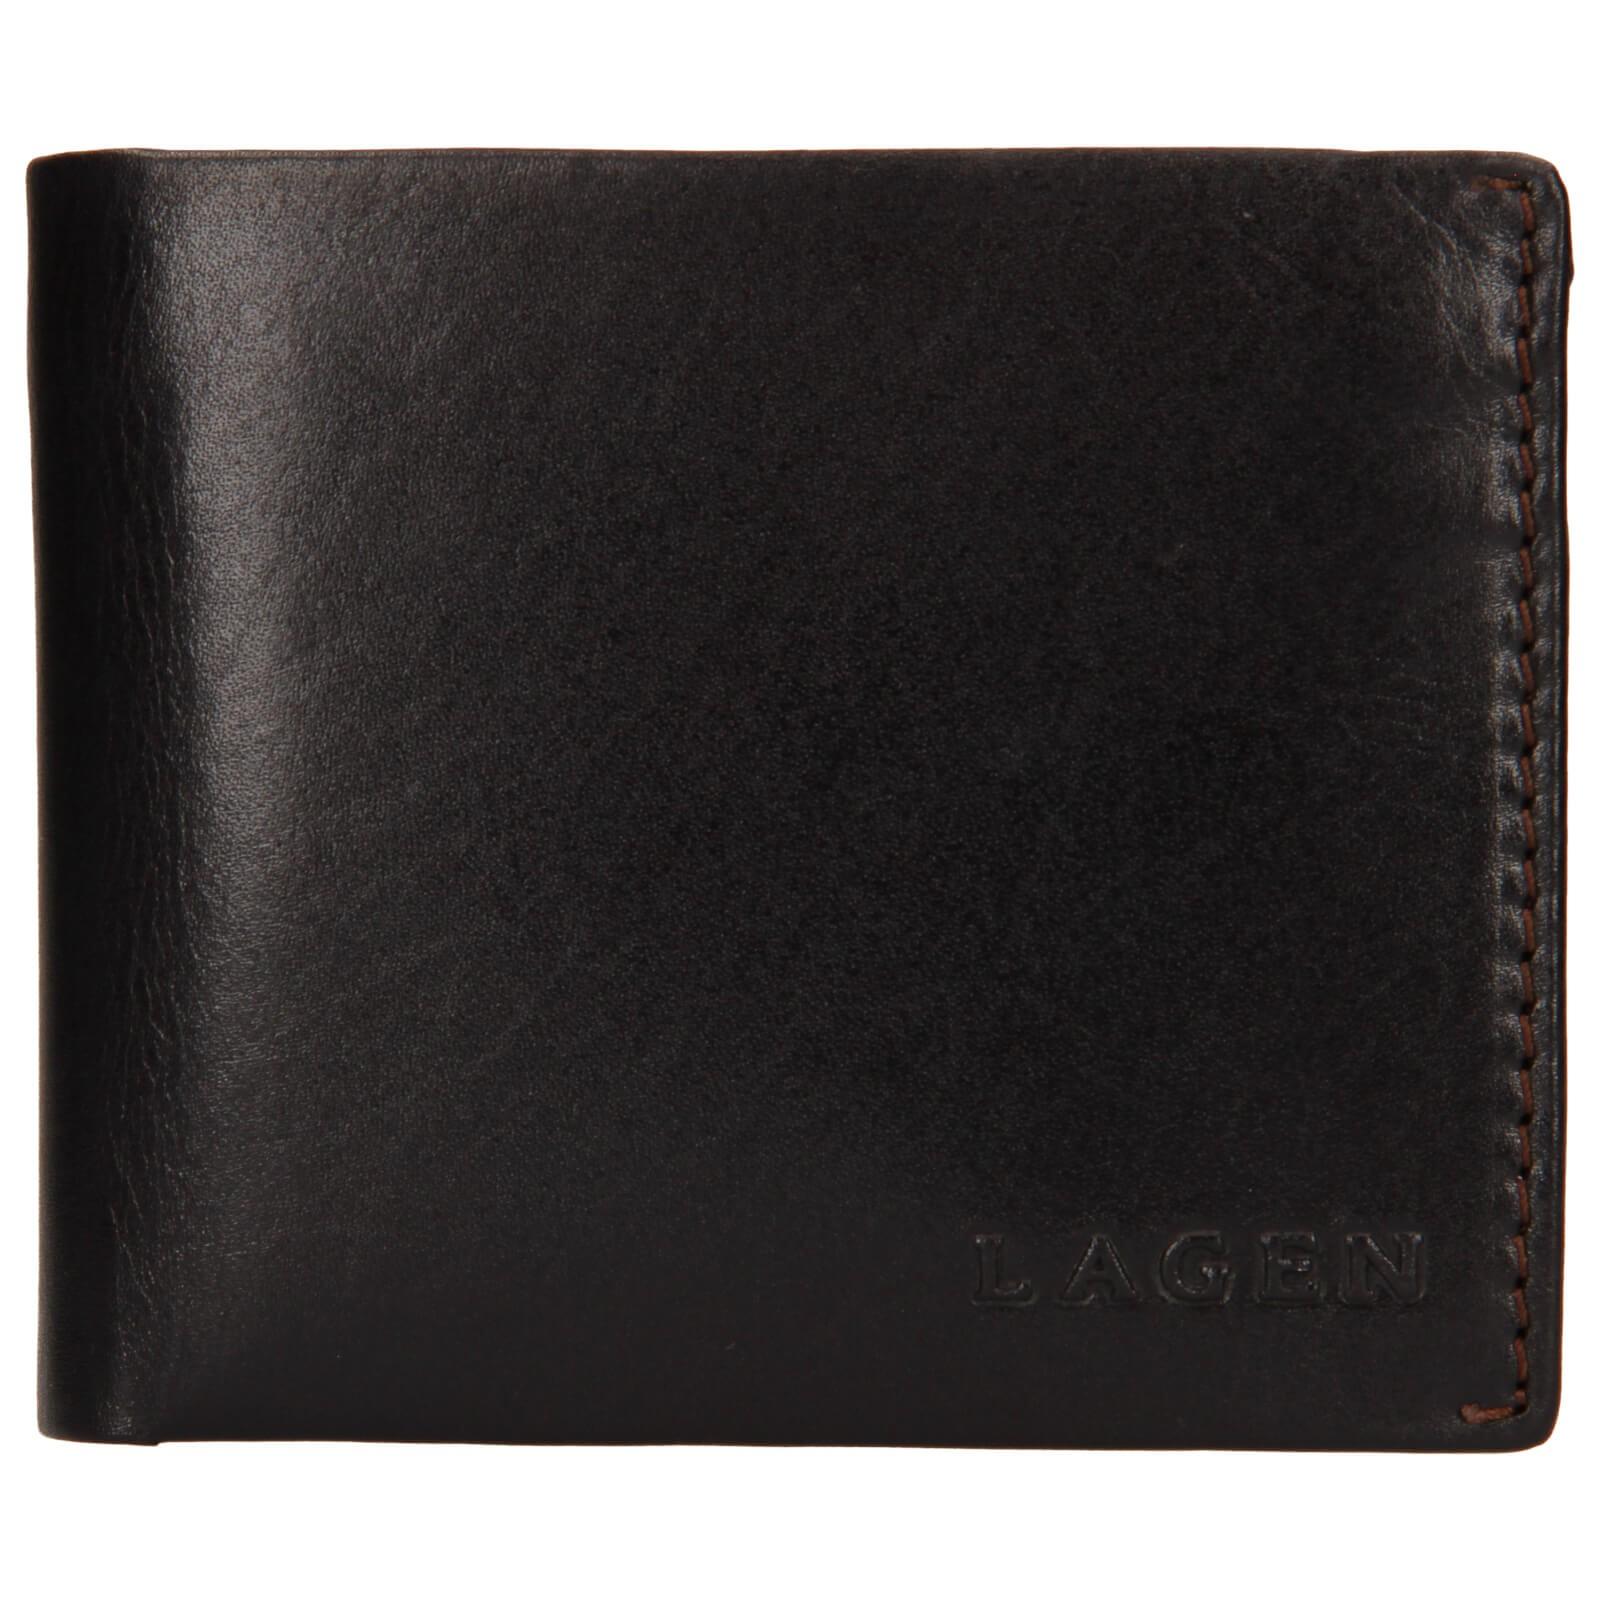 Pánska kožená peňaženka Lagen Dalimil - hnedá